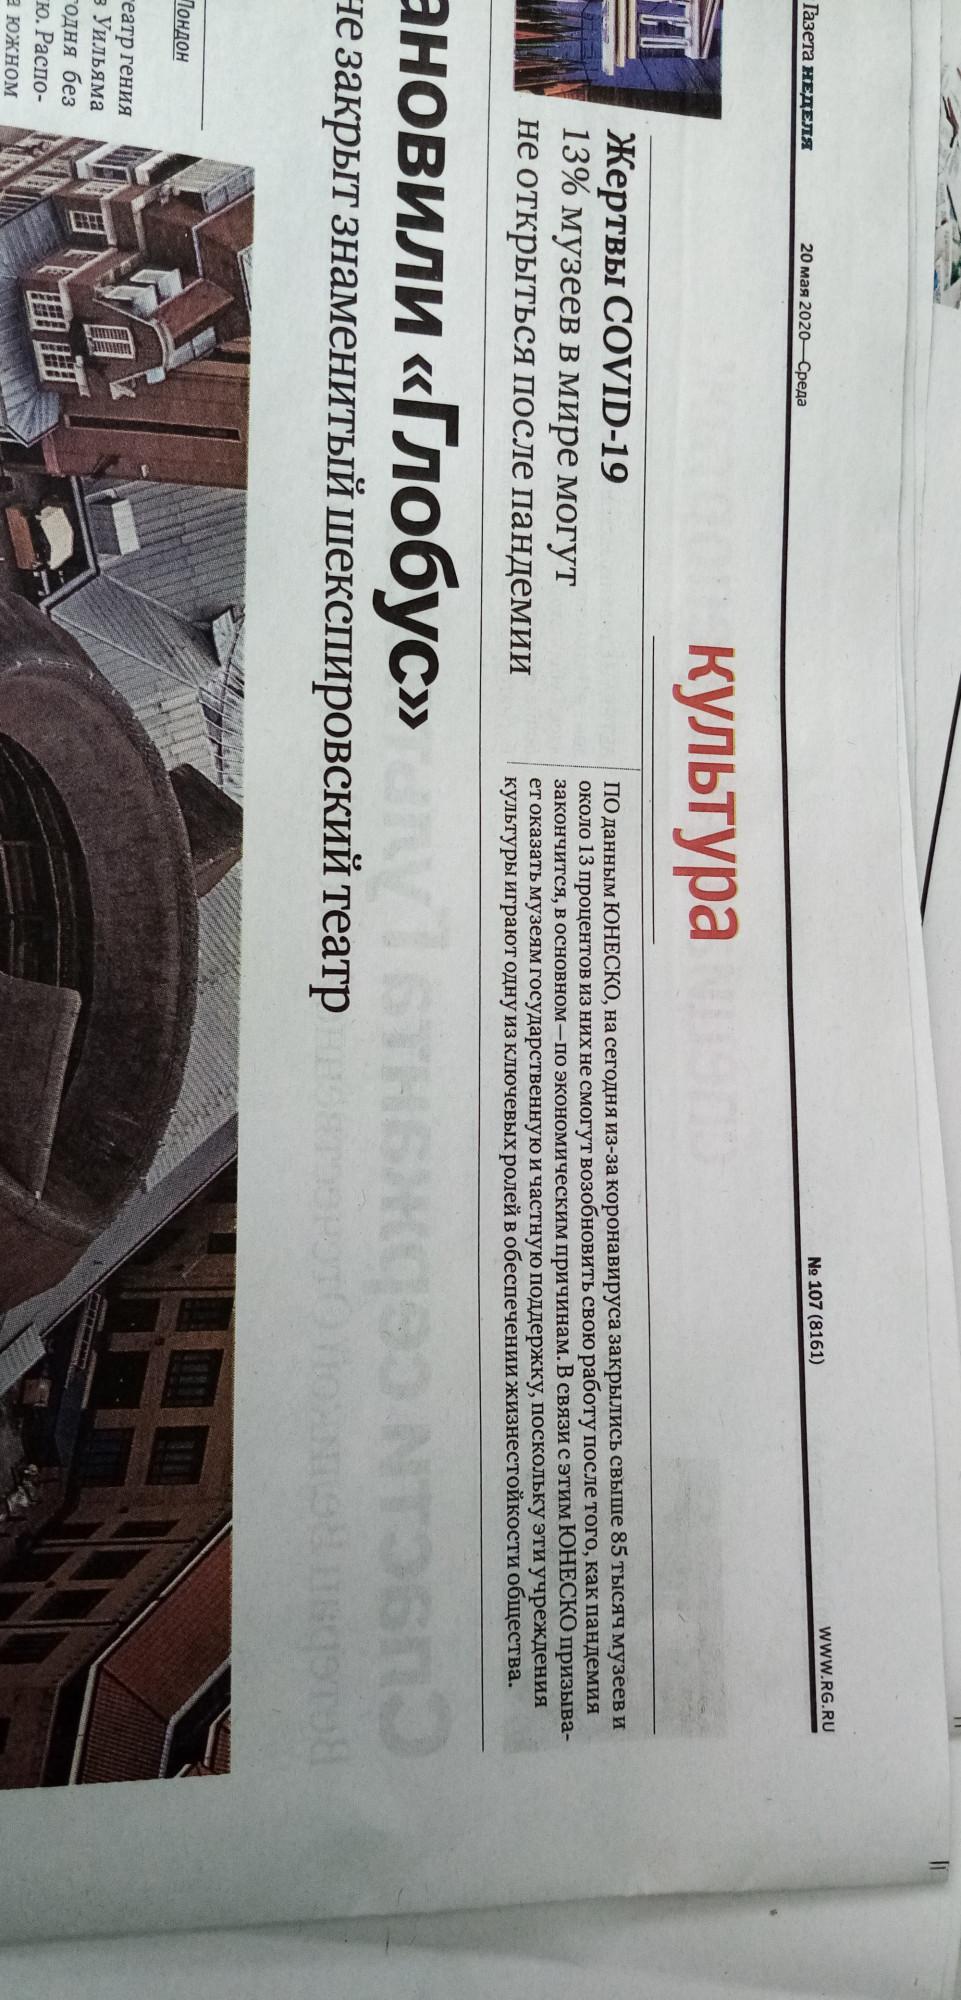 Это так трогательно, когда Российская газета пишет о культурных ценностях))